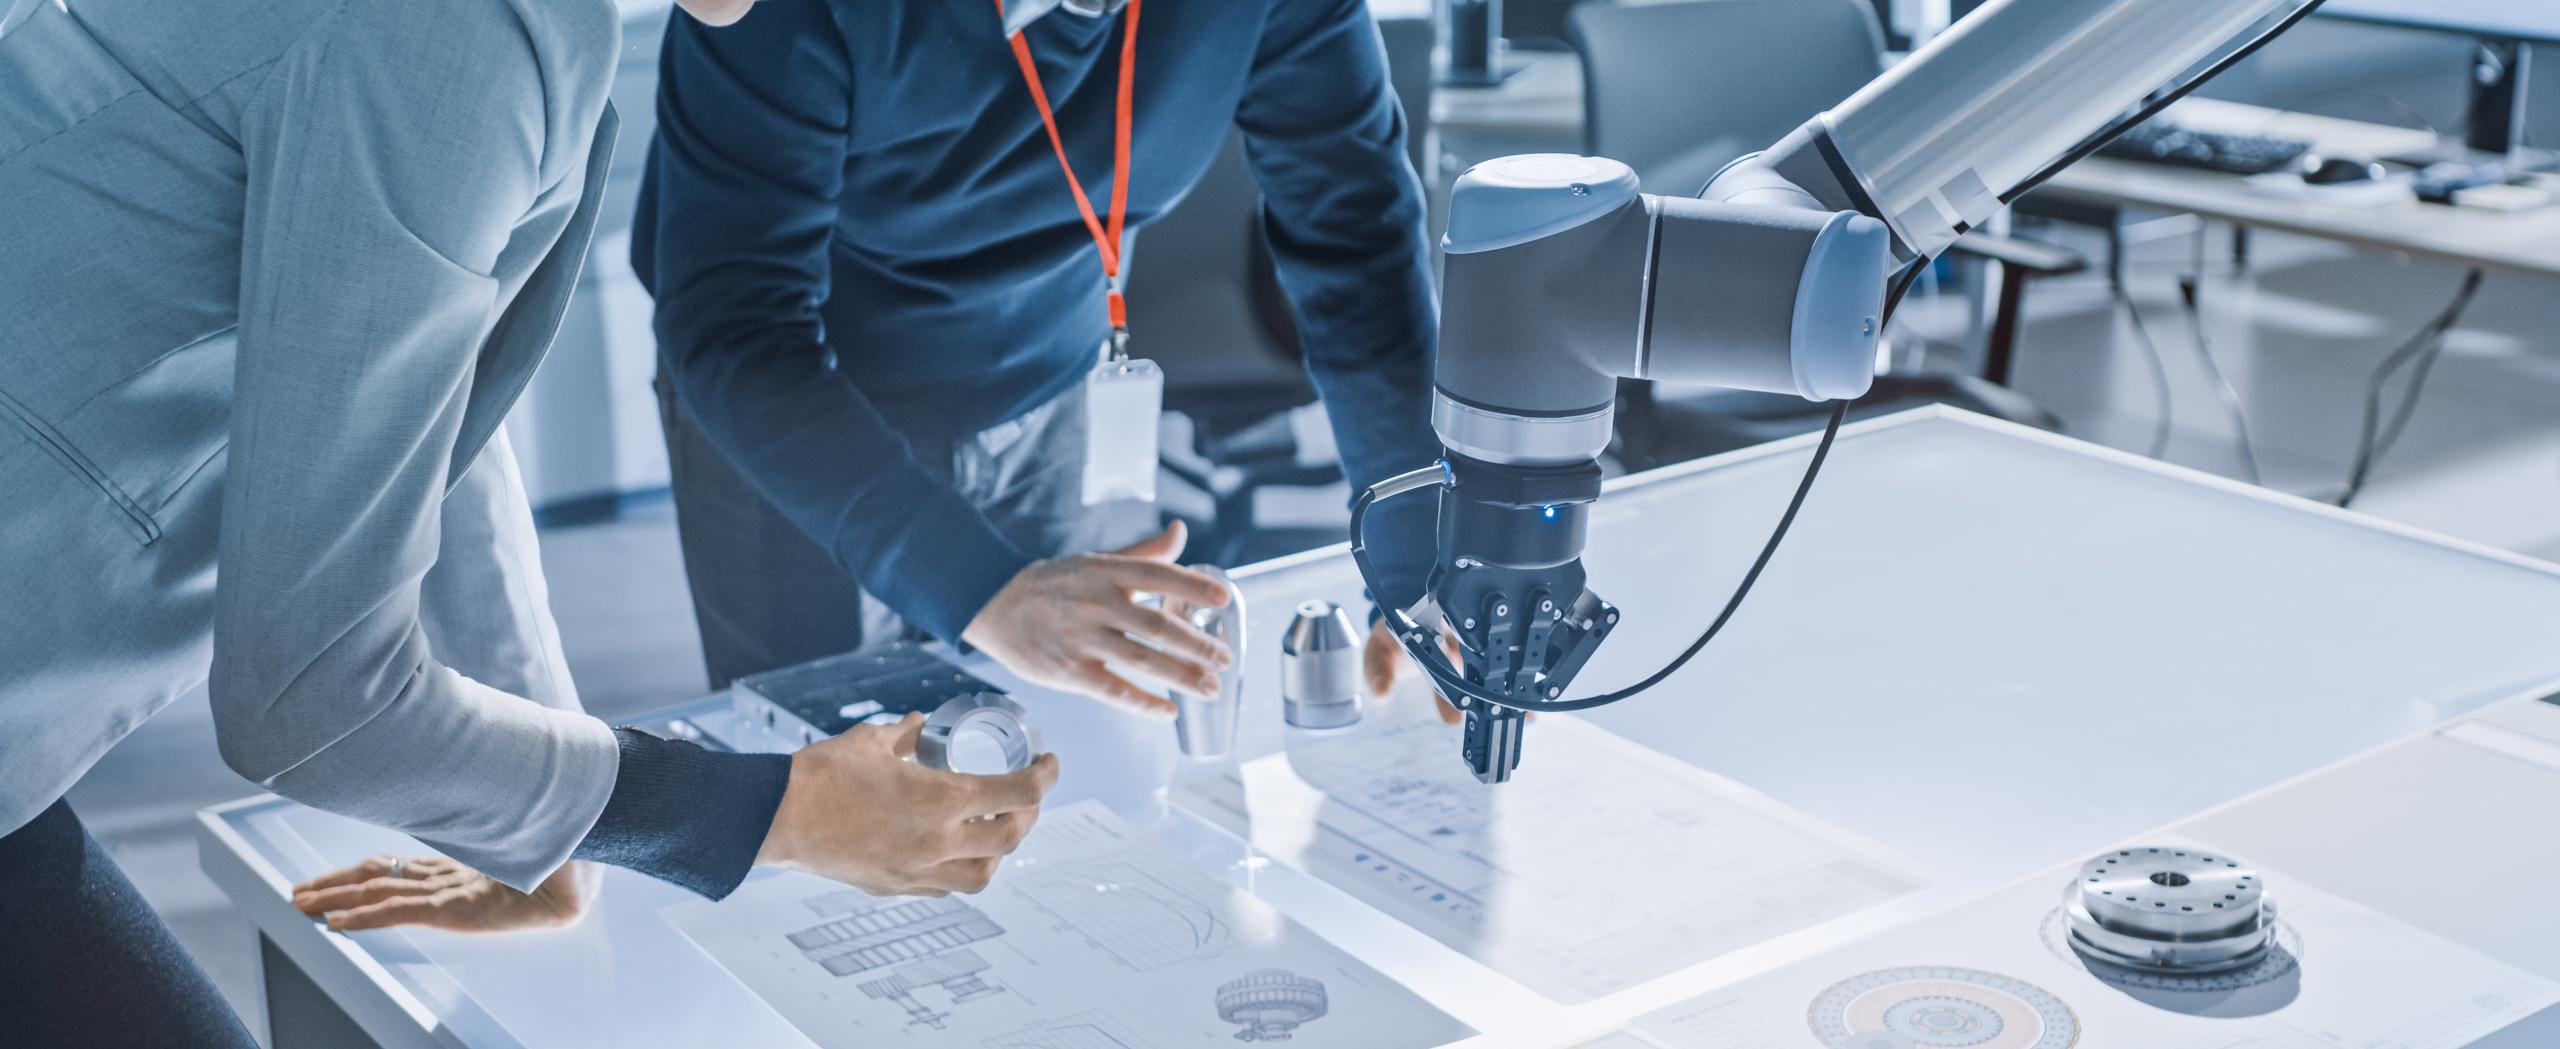 technologie robotique industrielle